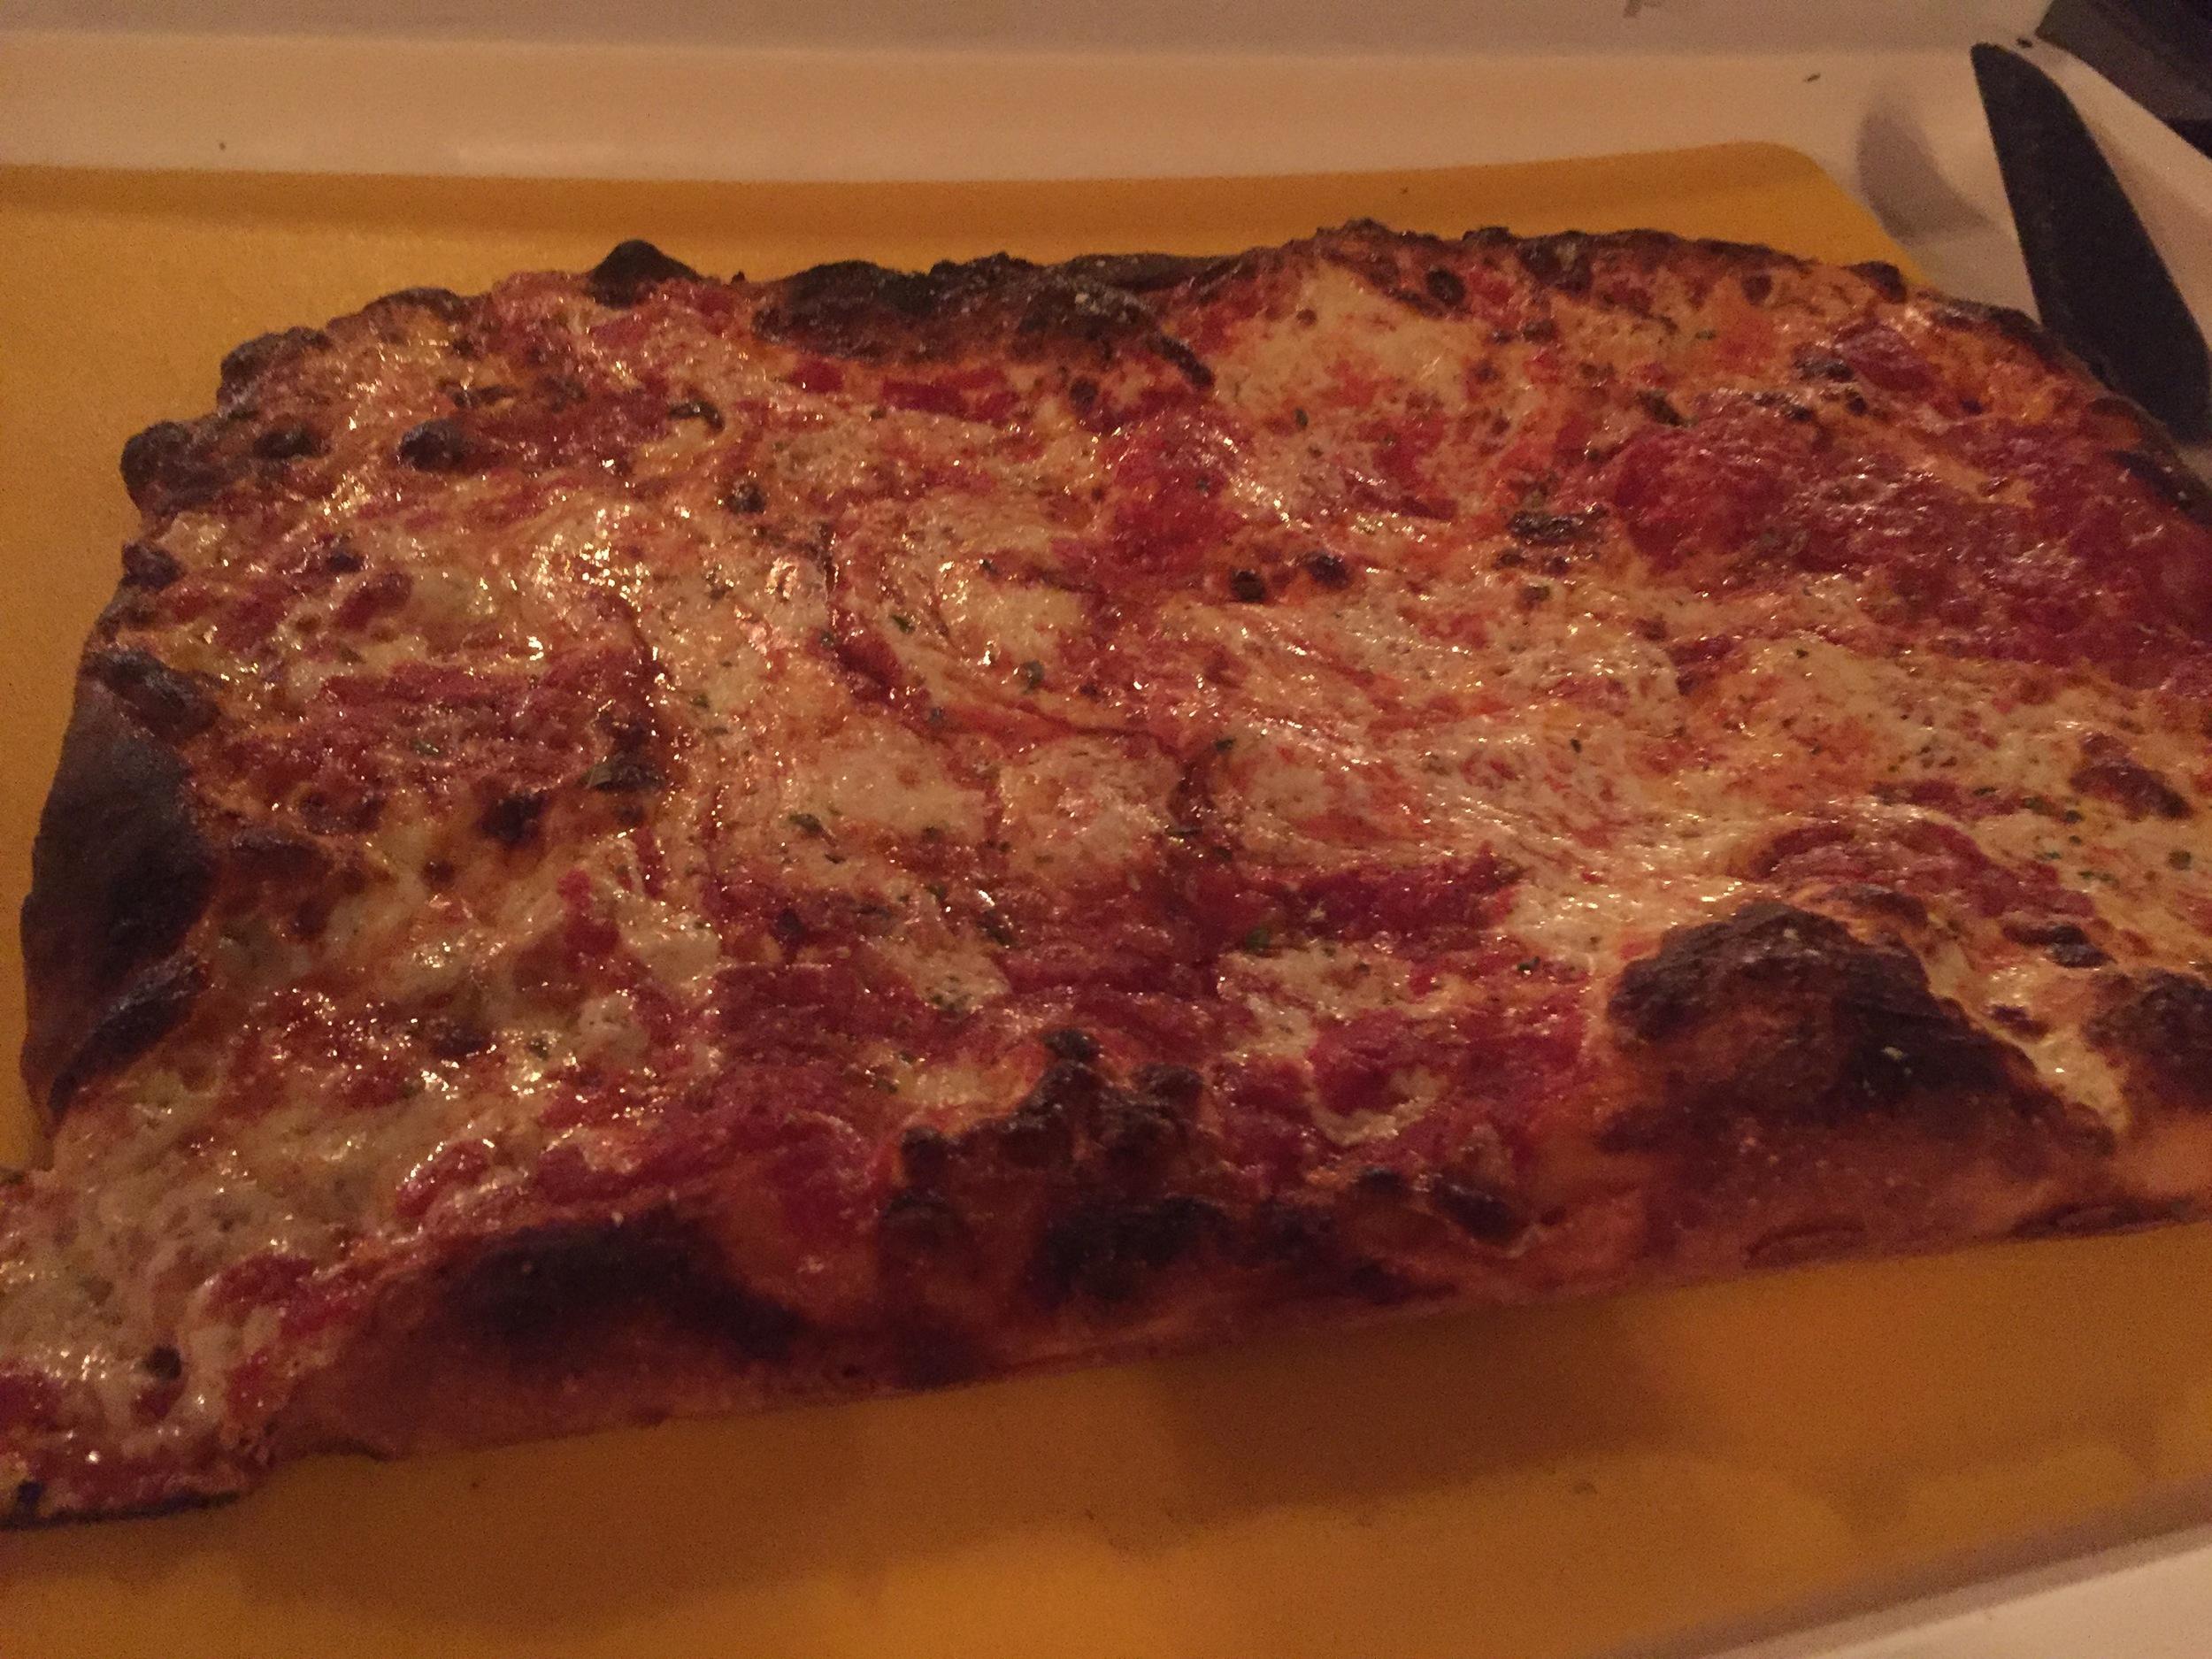 Pizza Taglio Sicilian Pizza